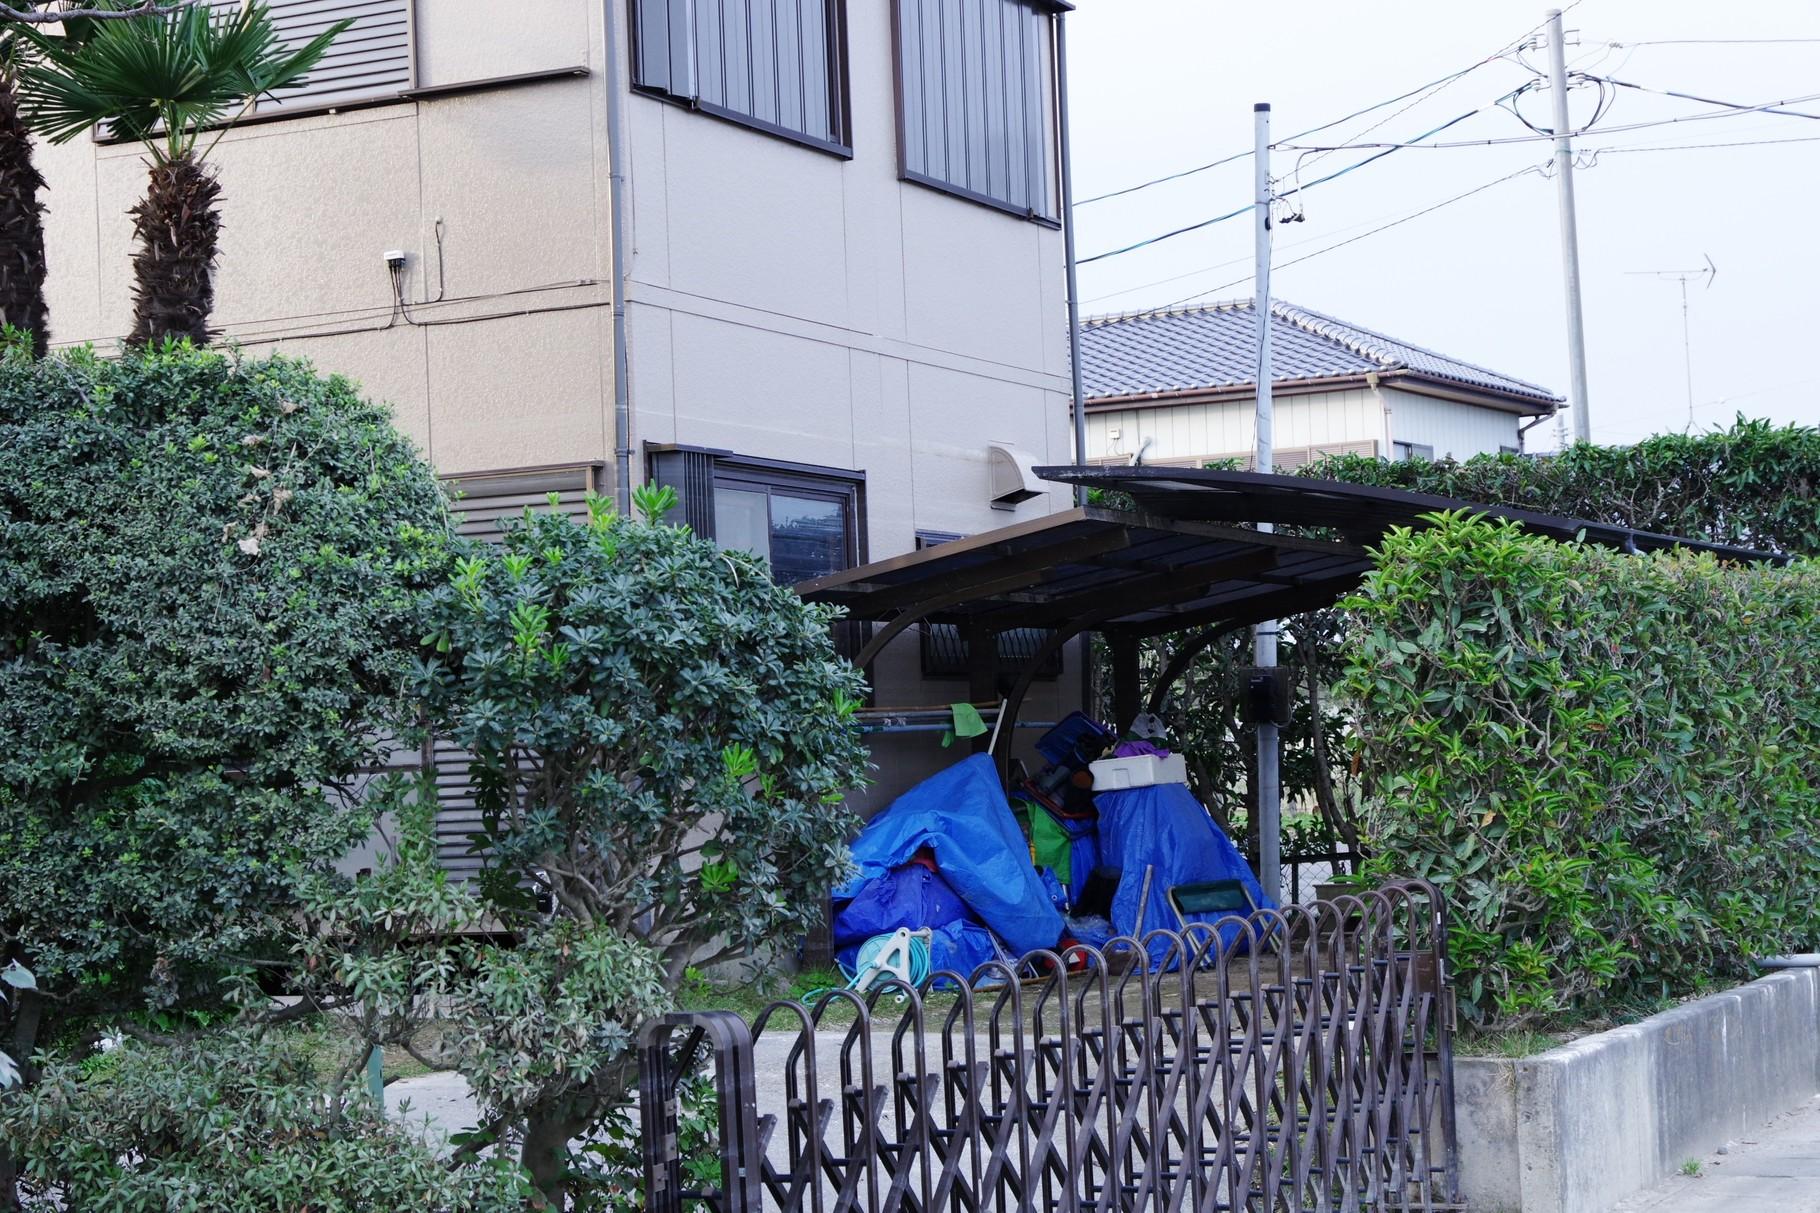 大和橋から北に向かう途中の住宅 換気扇フードに浸水痕